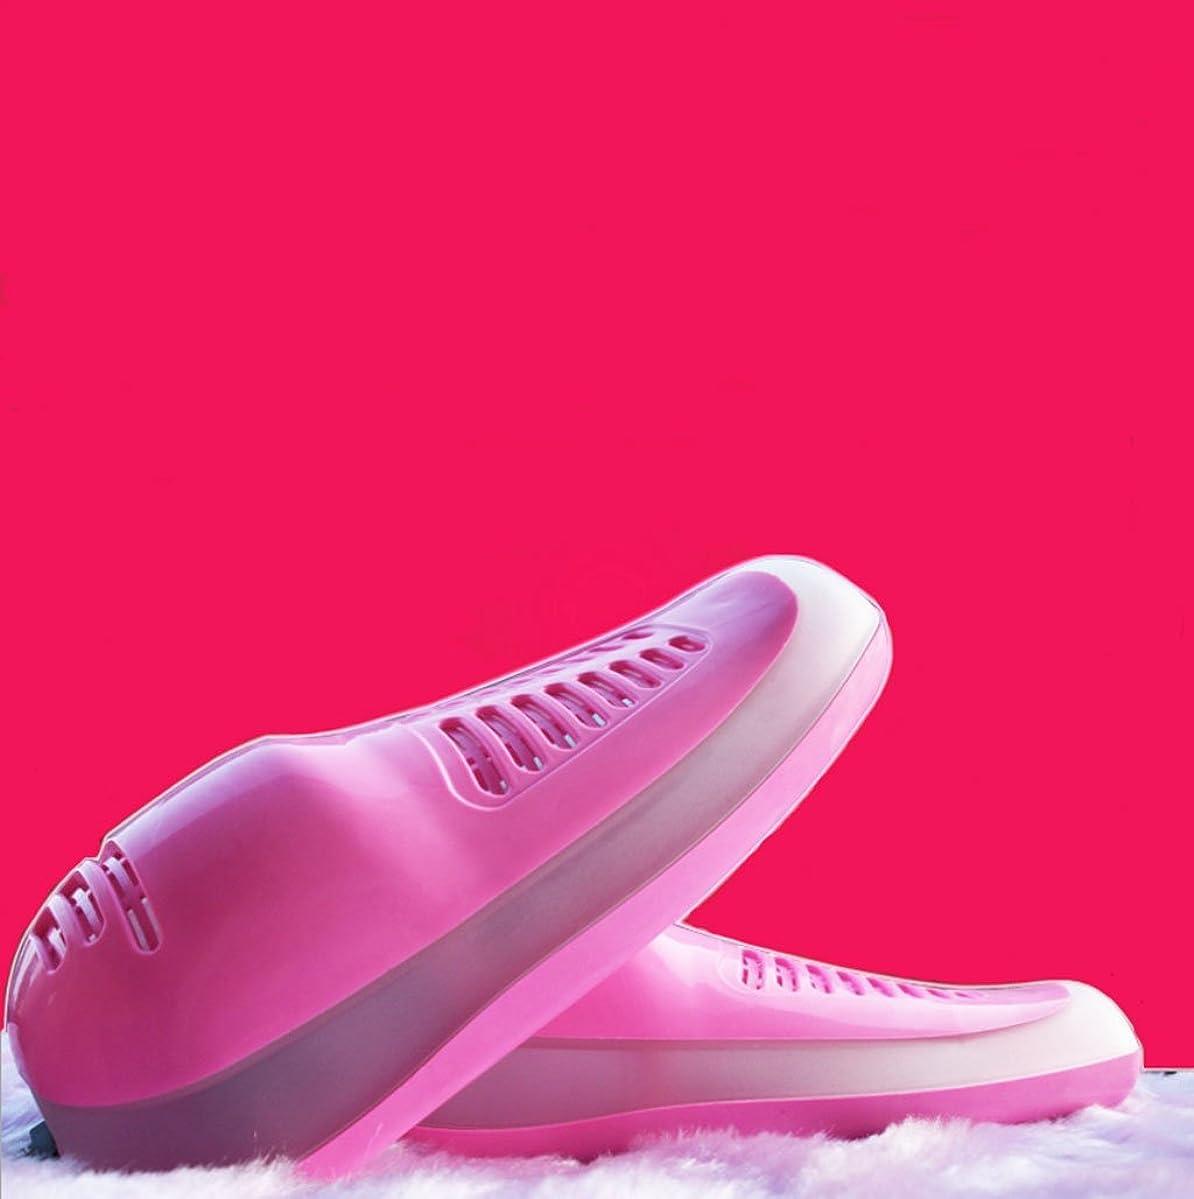 区疑わしい気難しい滅菌器, 乾燥滅菌機、大人用ベーキングシューズ、紫滅菌、難燃剤高温 (色 : ピンク)